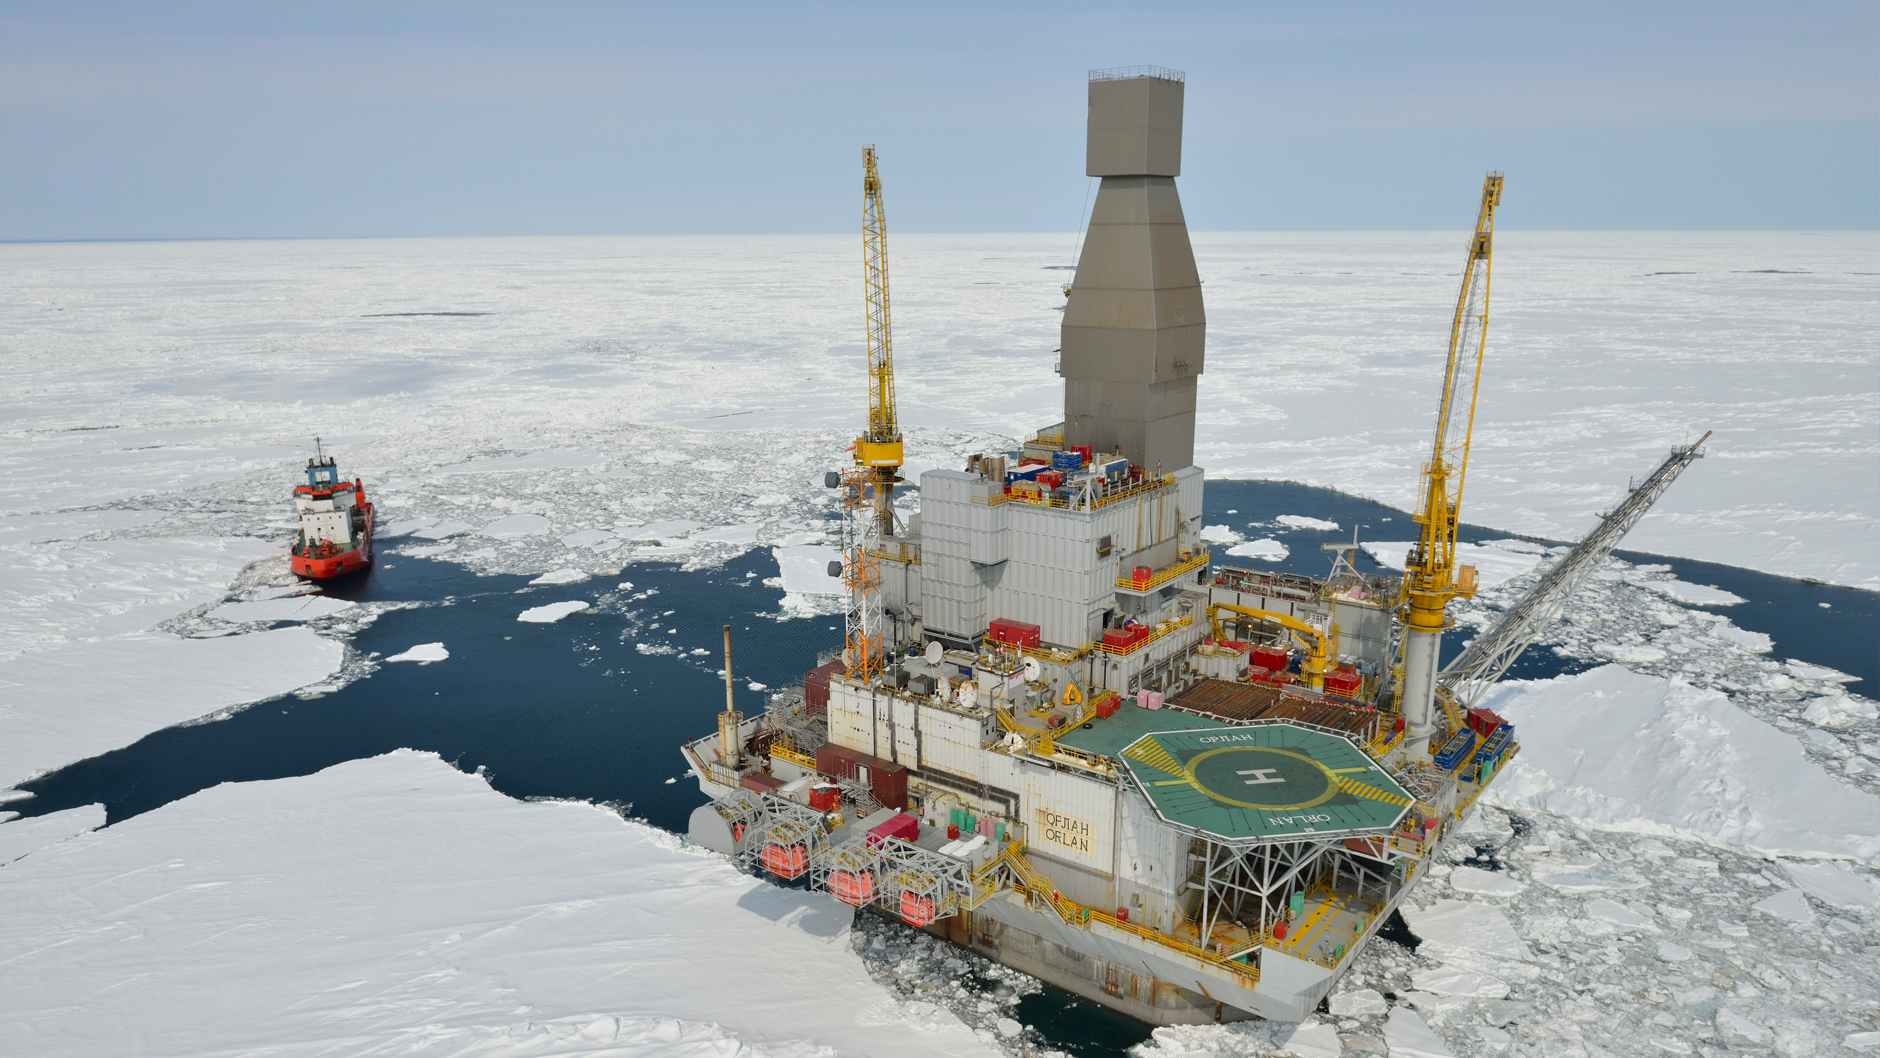 arctic-presence-orlan-platform2_inline-image